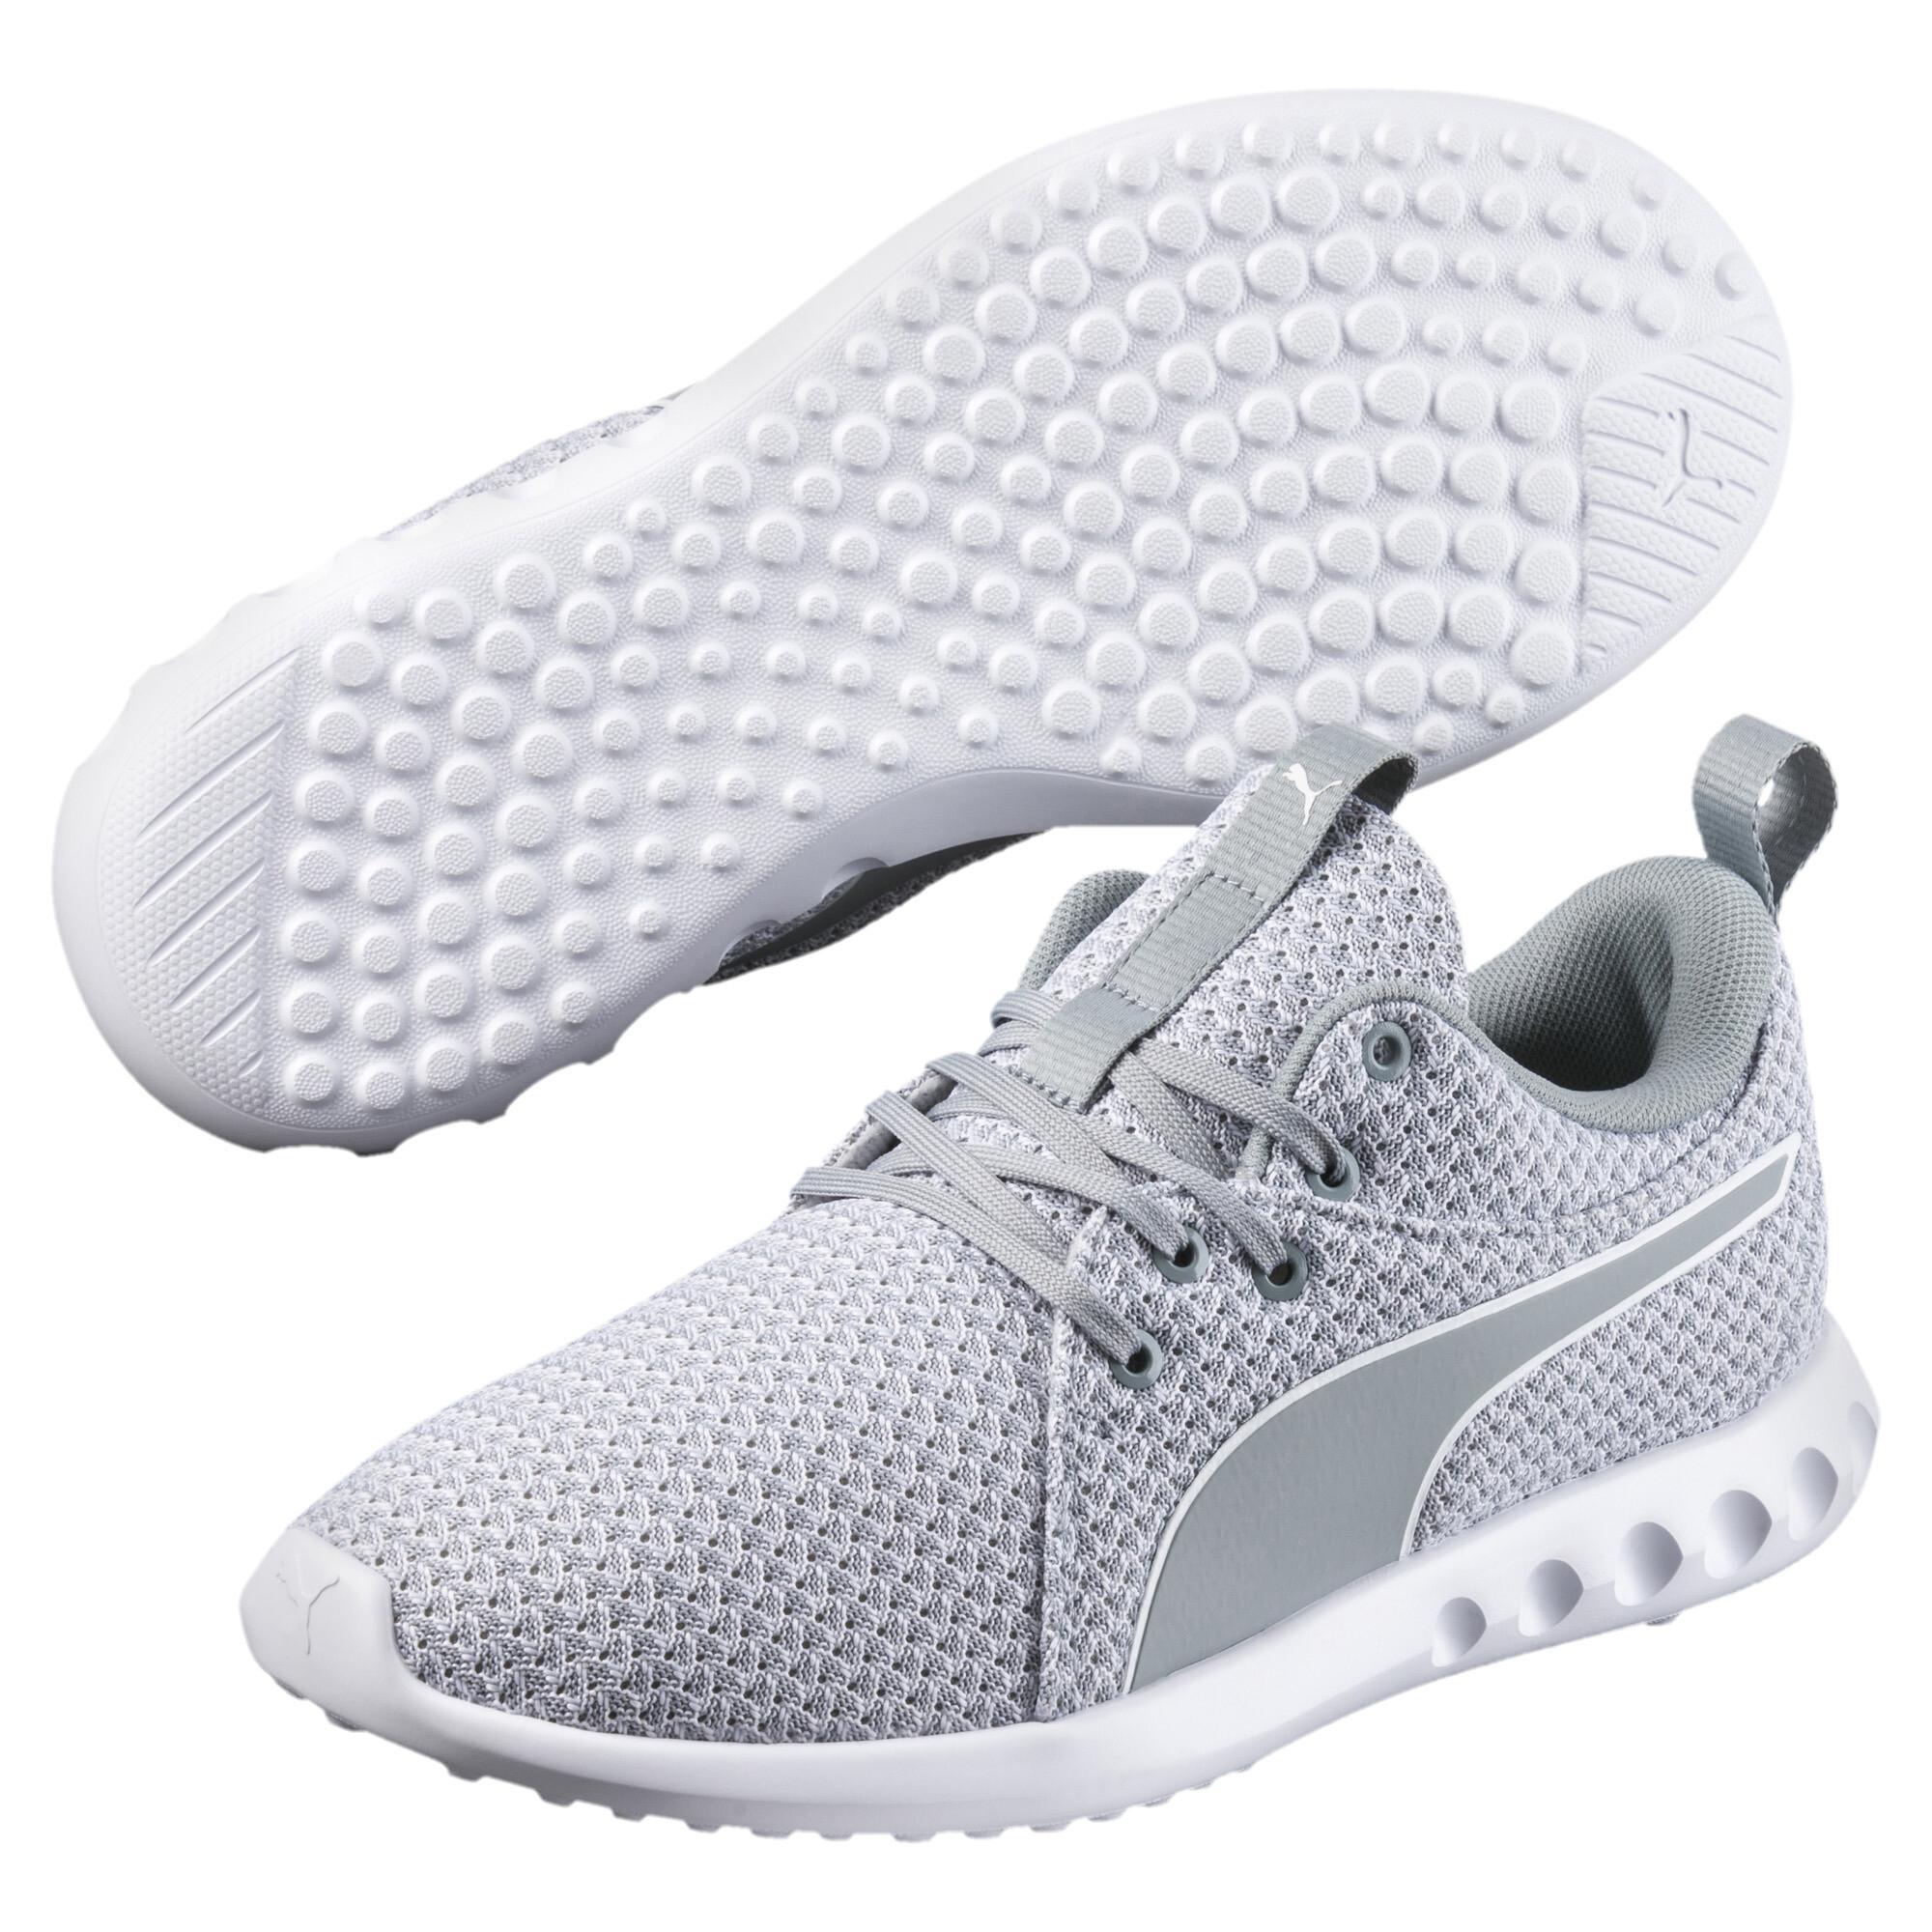 PUMA-Carson-2-Knit-Women-039-s-Running-Shoes-Women-Shoe-Running thumbnail 5